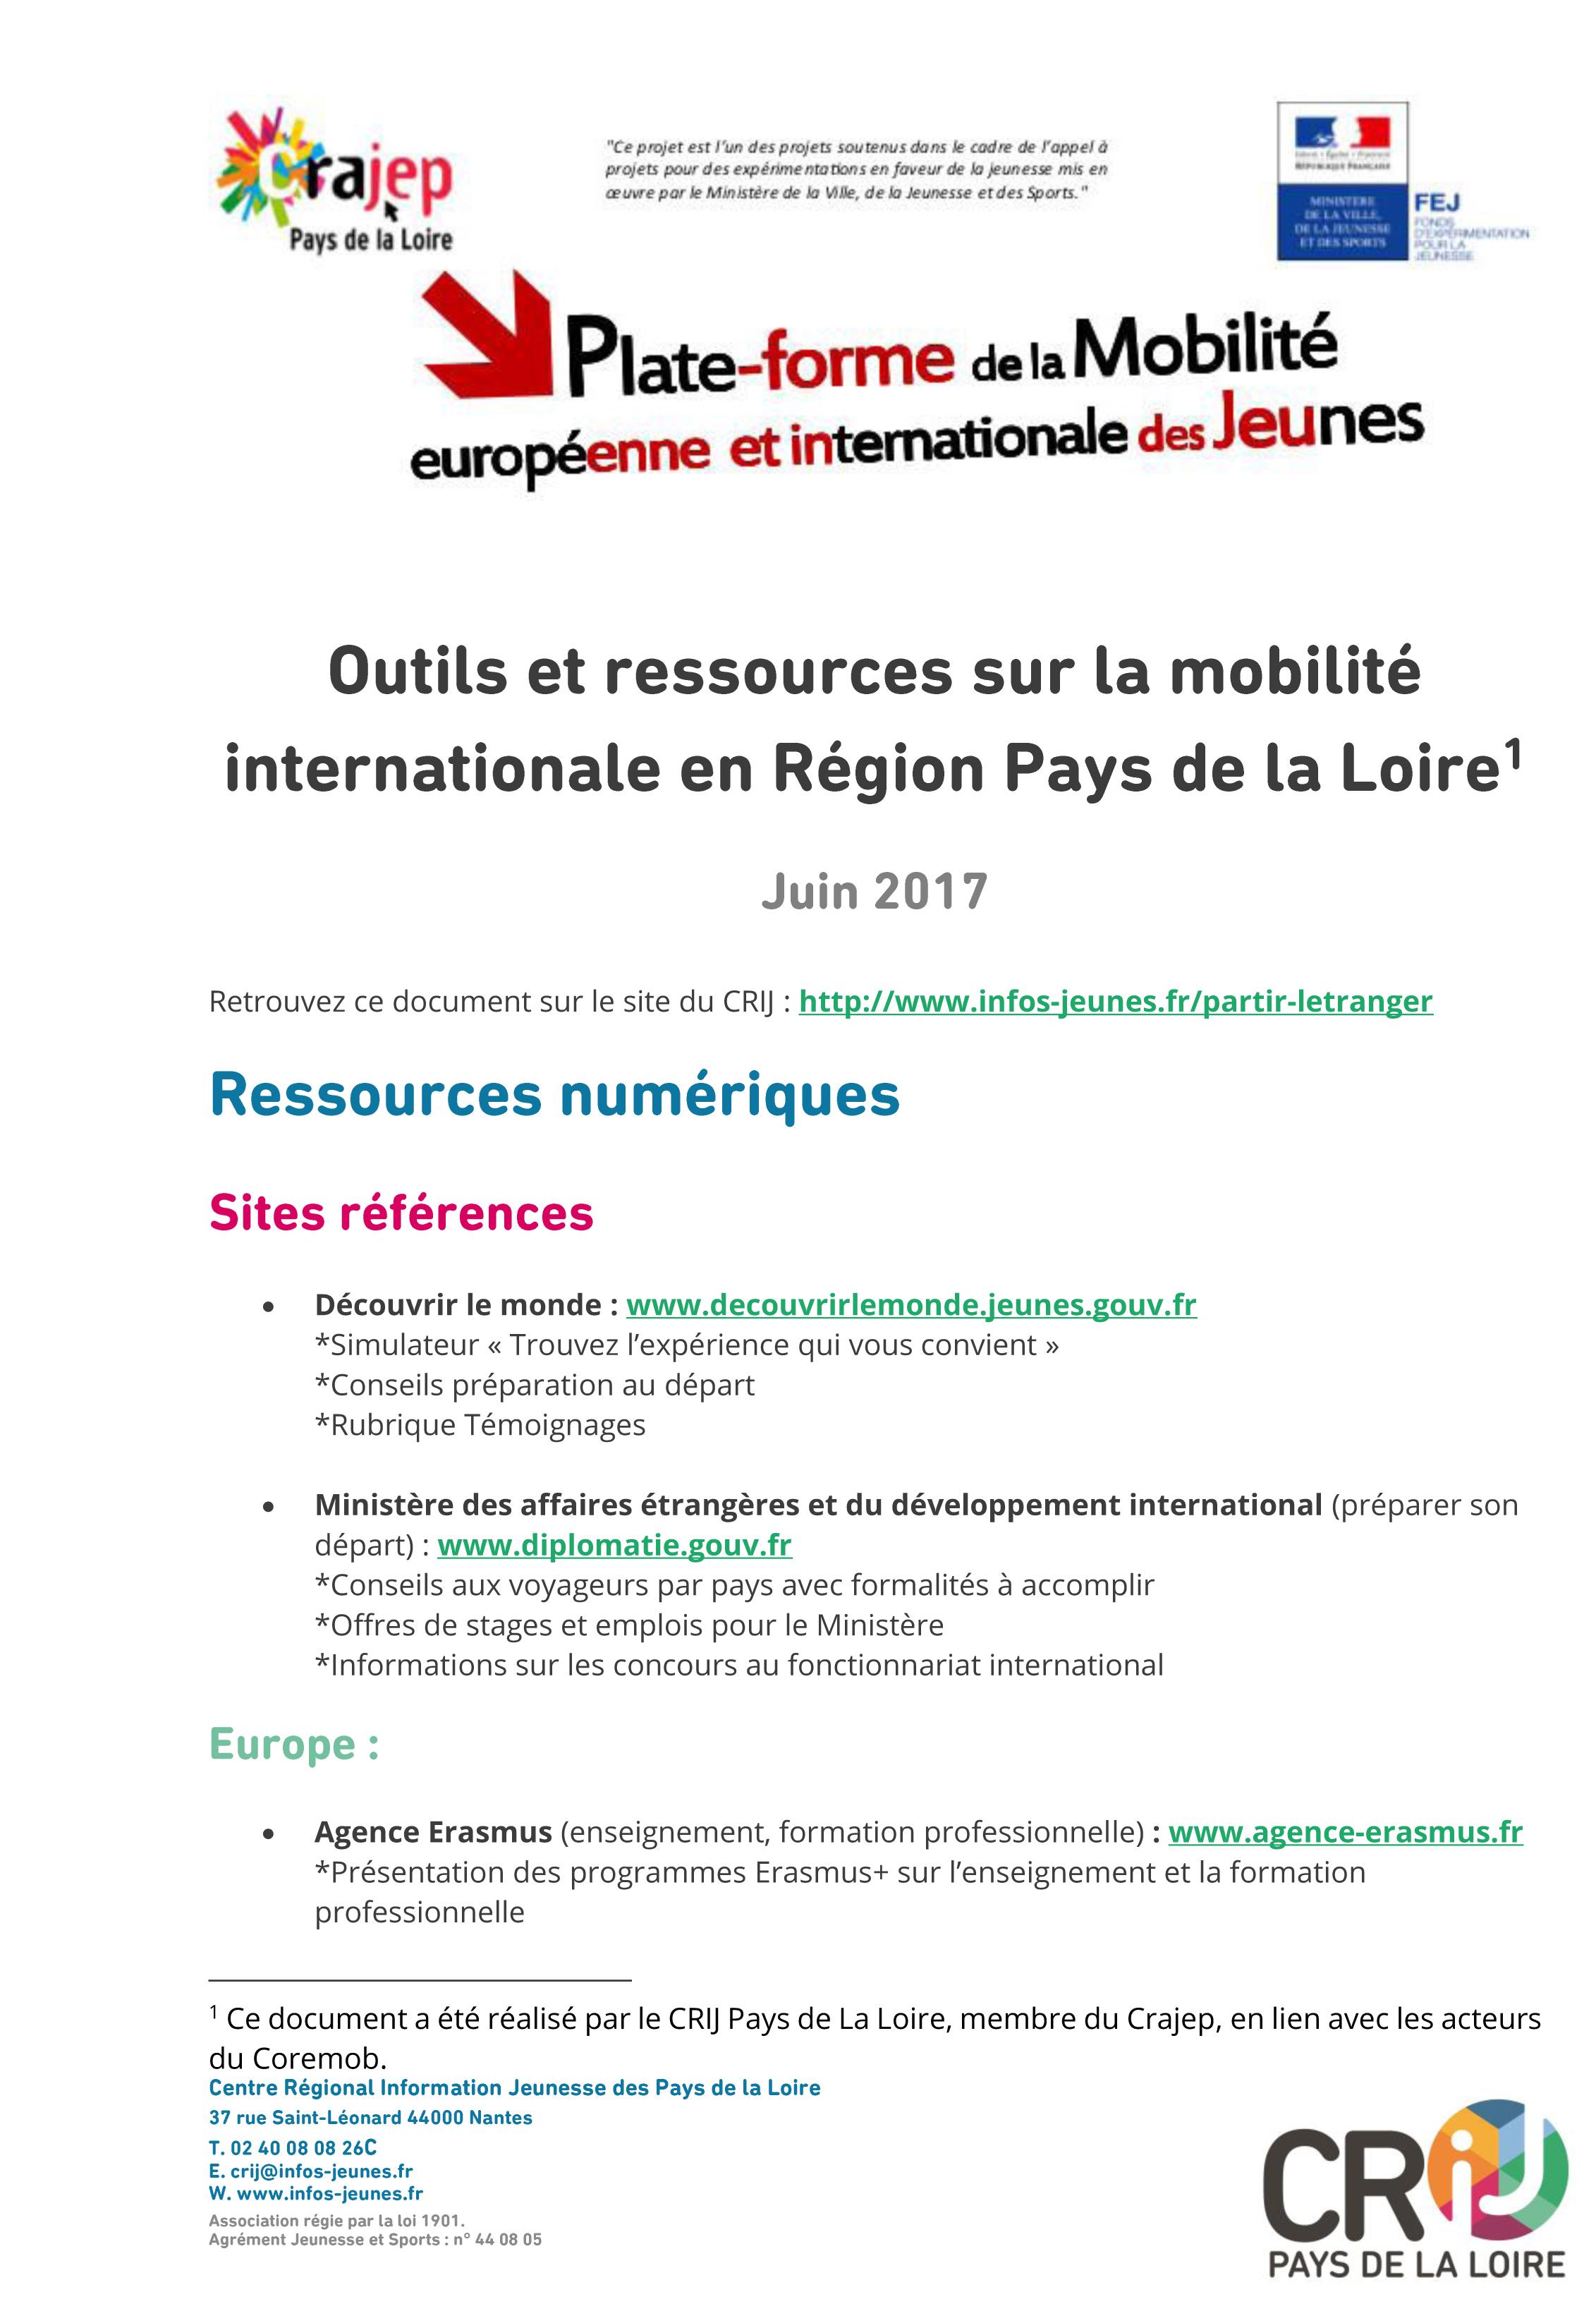 Coremob sur la mobilité internationale